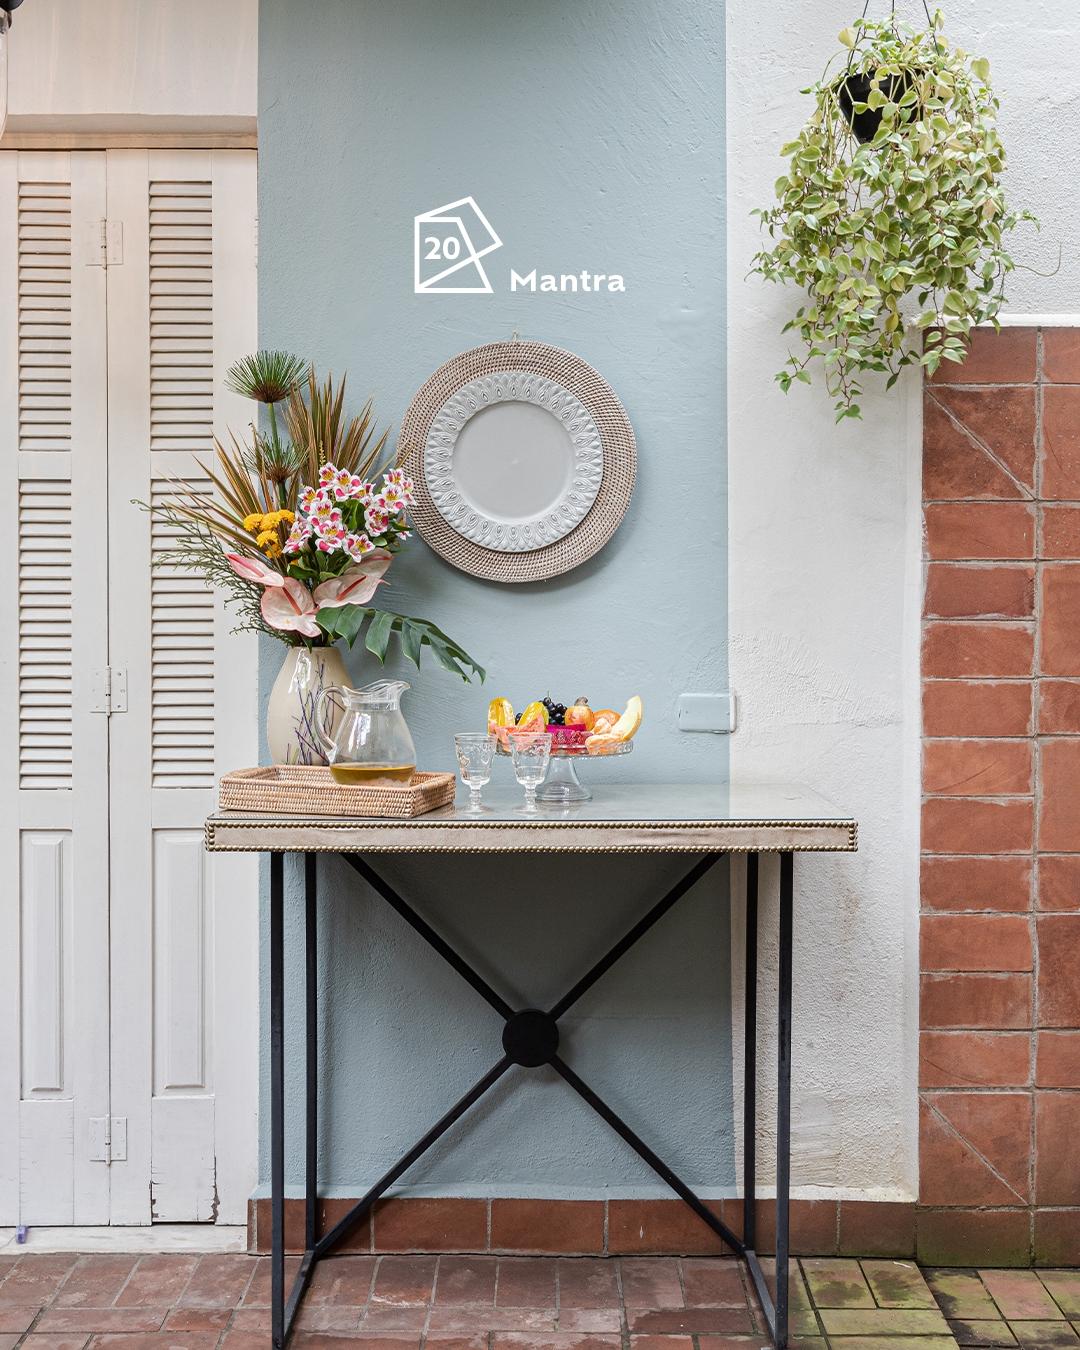 Foto de área externa com uma mesa ao centro com itens de decoração em cima. Ao fundo, uma faixa vertical pintada na parede com a cor Mantra e o ícone de cor. Ao lado direito, uma planta pendurada.